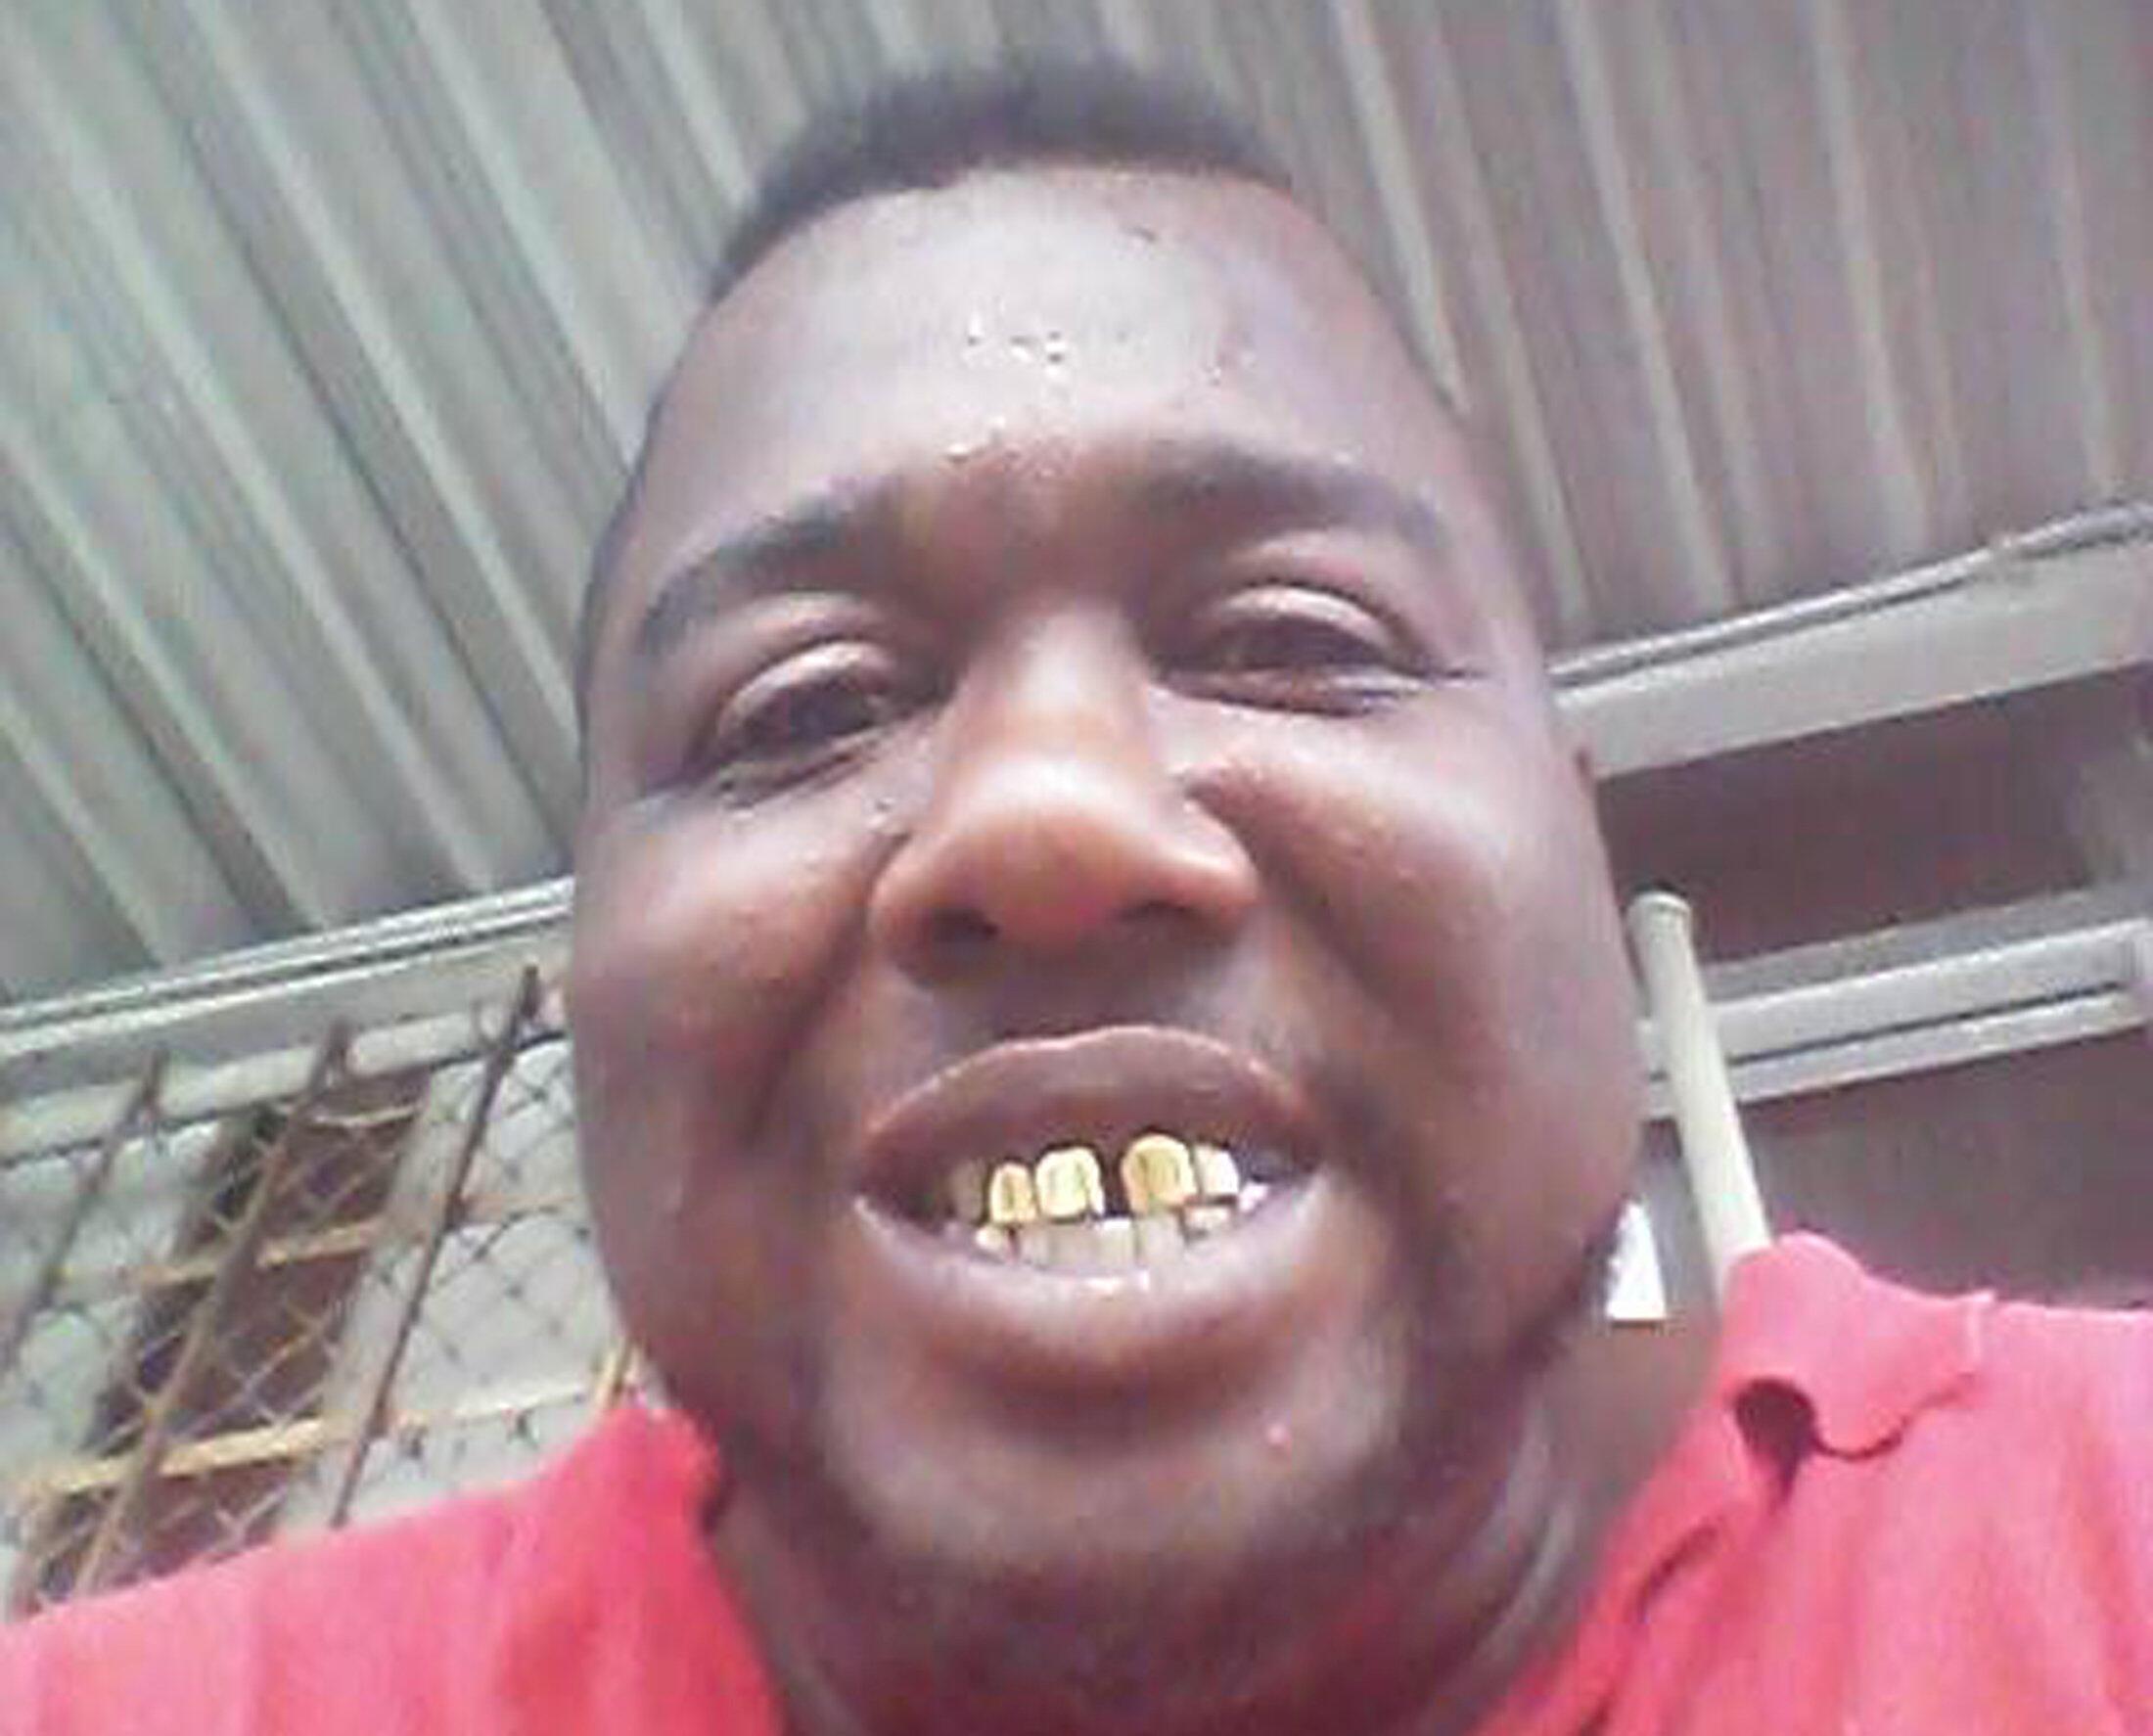 Alton Sterling, 37 tuổi đã bị cảnh sát da trắng hạ sát, trong đêm 04 rạng sáng ngày 05/07/2016, tại bang Louisana, Mỹ. Ảnh lấy từ tài khoản cá nhân mạng xã hội Facebook của nạn nhân.